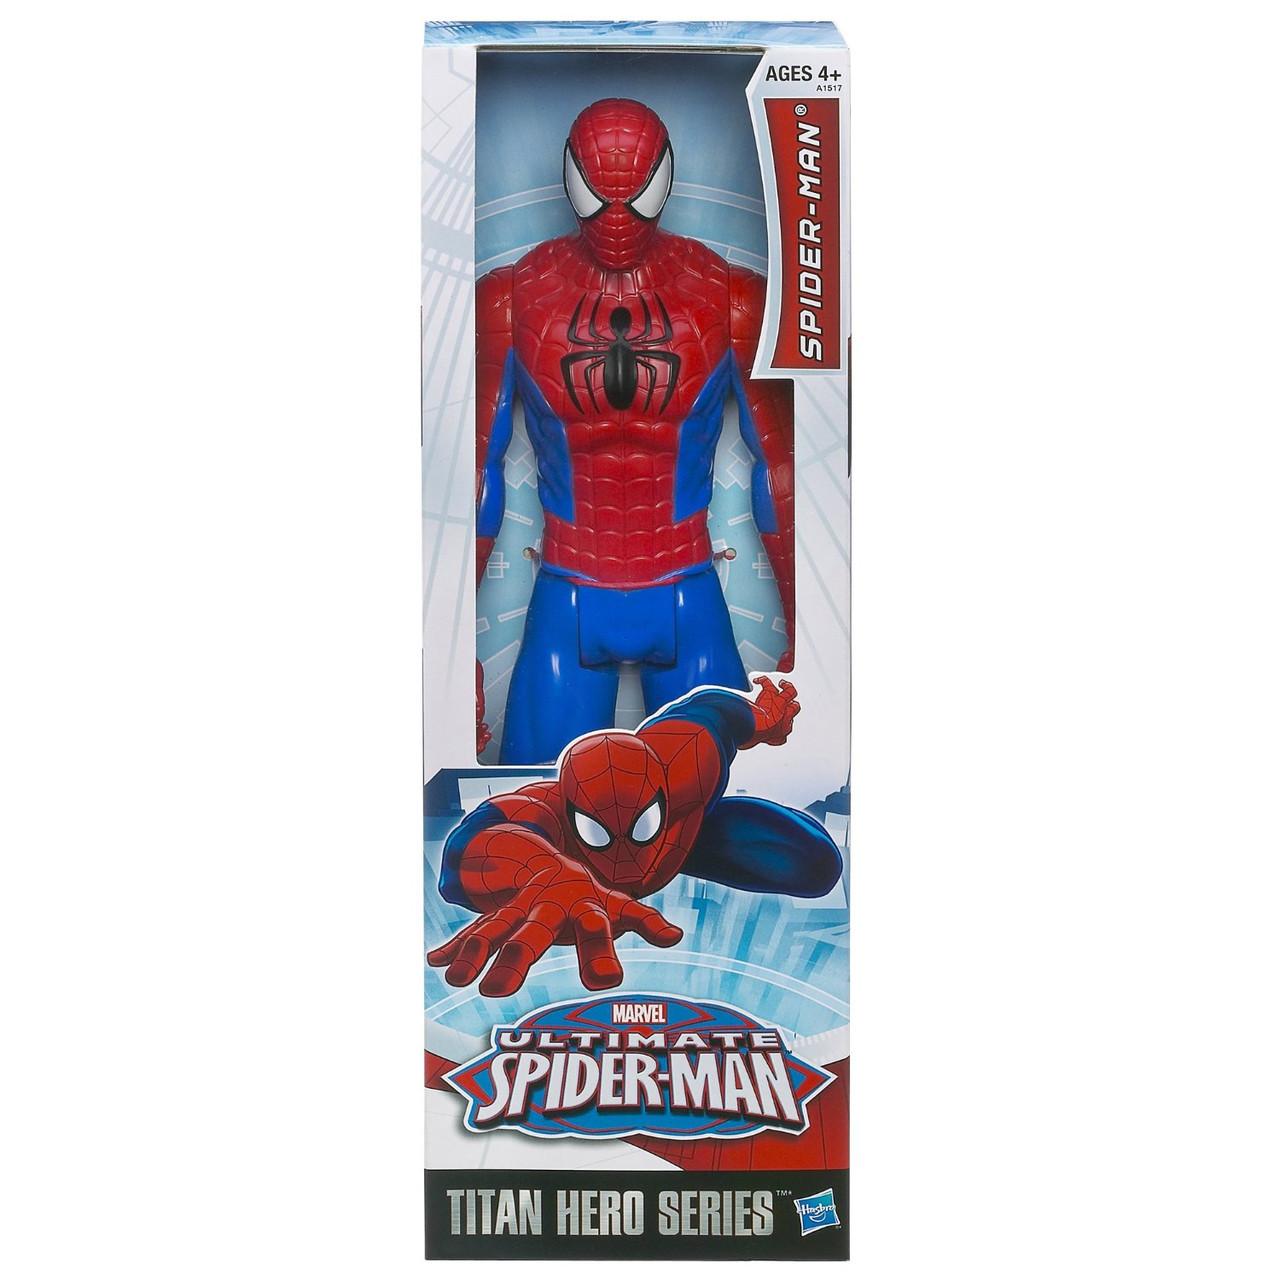 Большая игрушка Человек-Паук 30 см, серия Титаны - Ultimate Spider-Man, Titans, Hasbro SKL14-138247